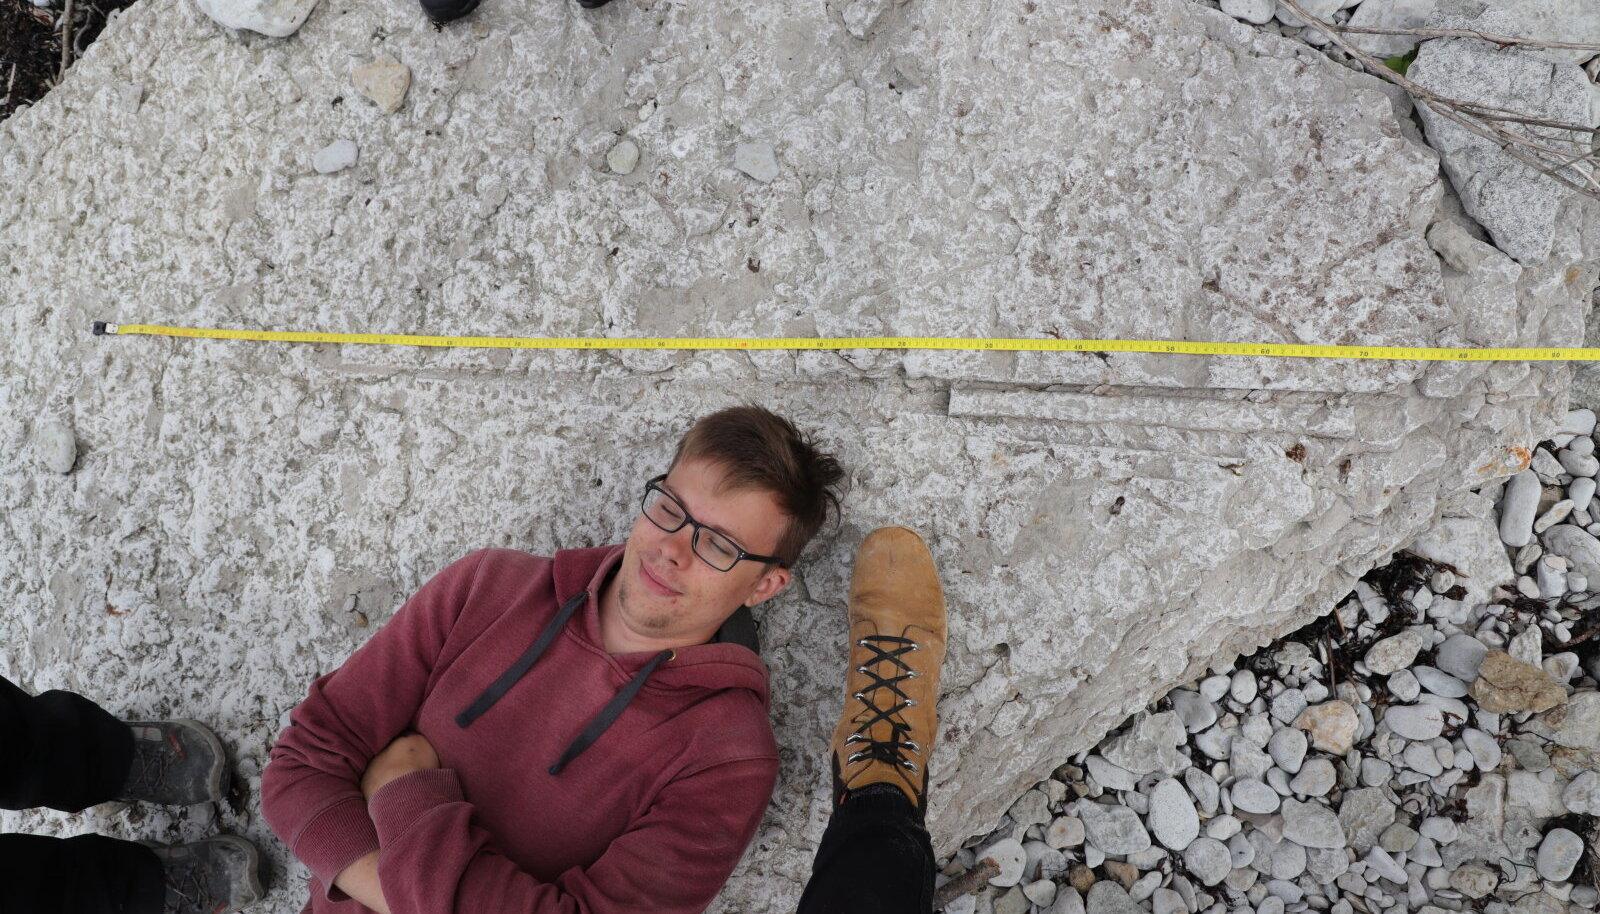 Eesti paekivist võib leida kivistisi, millest suurimateks on mitmemeetriseid molluskite kojad